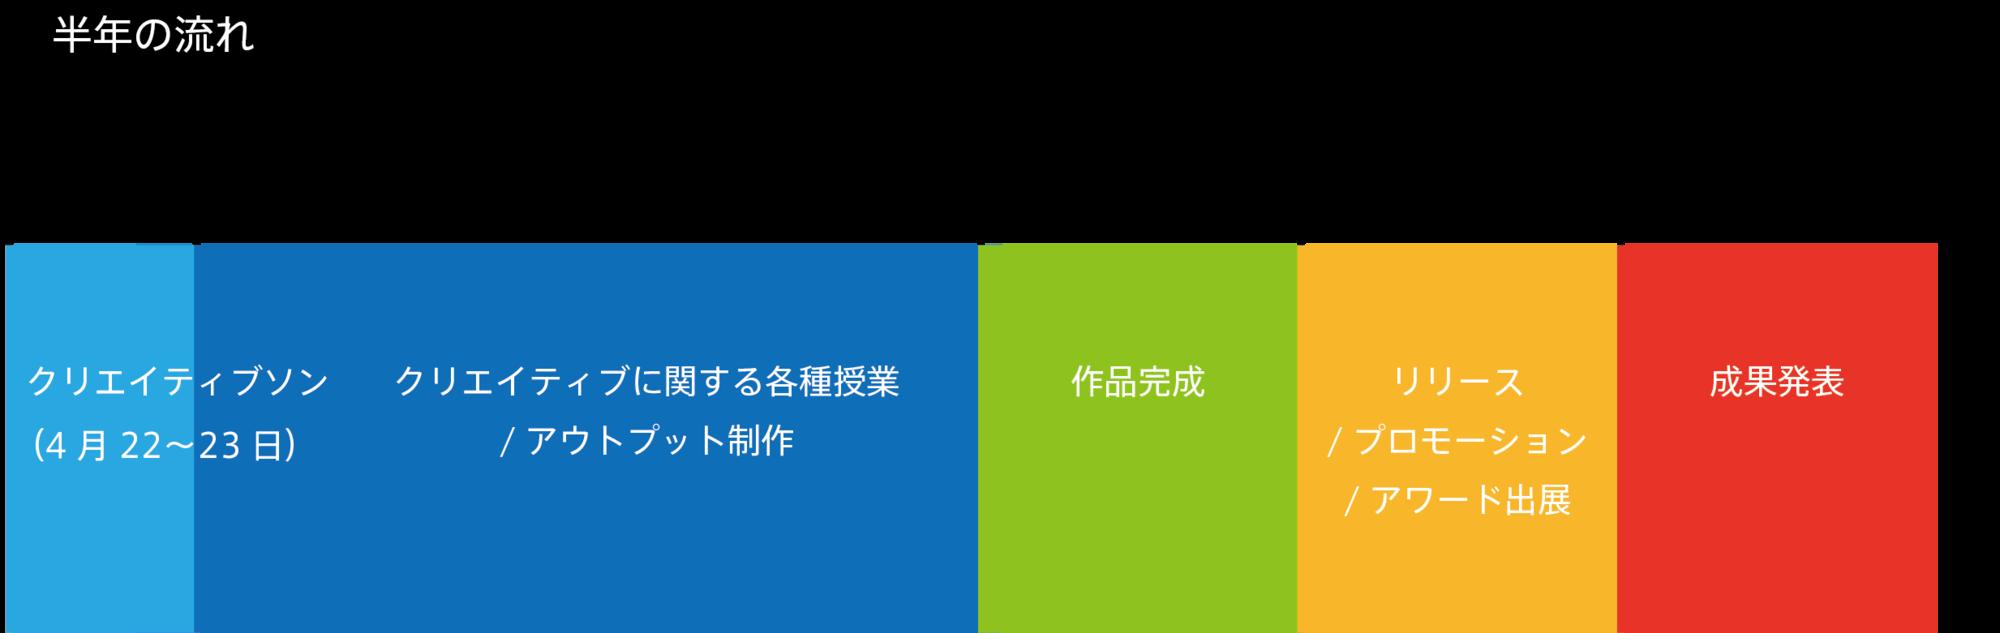 f:id:kakijiro:20170428212240p:plain